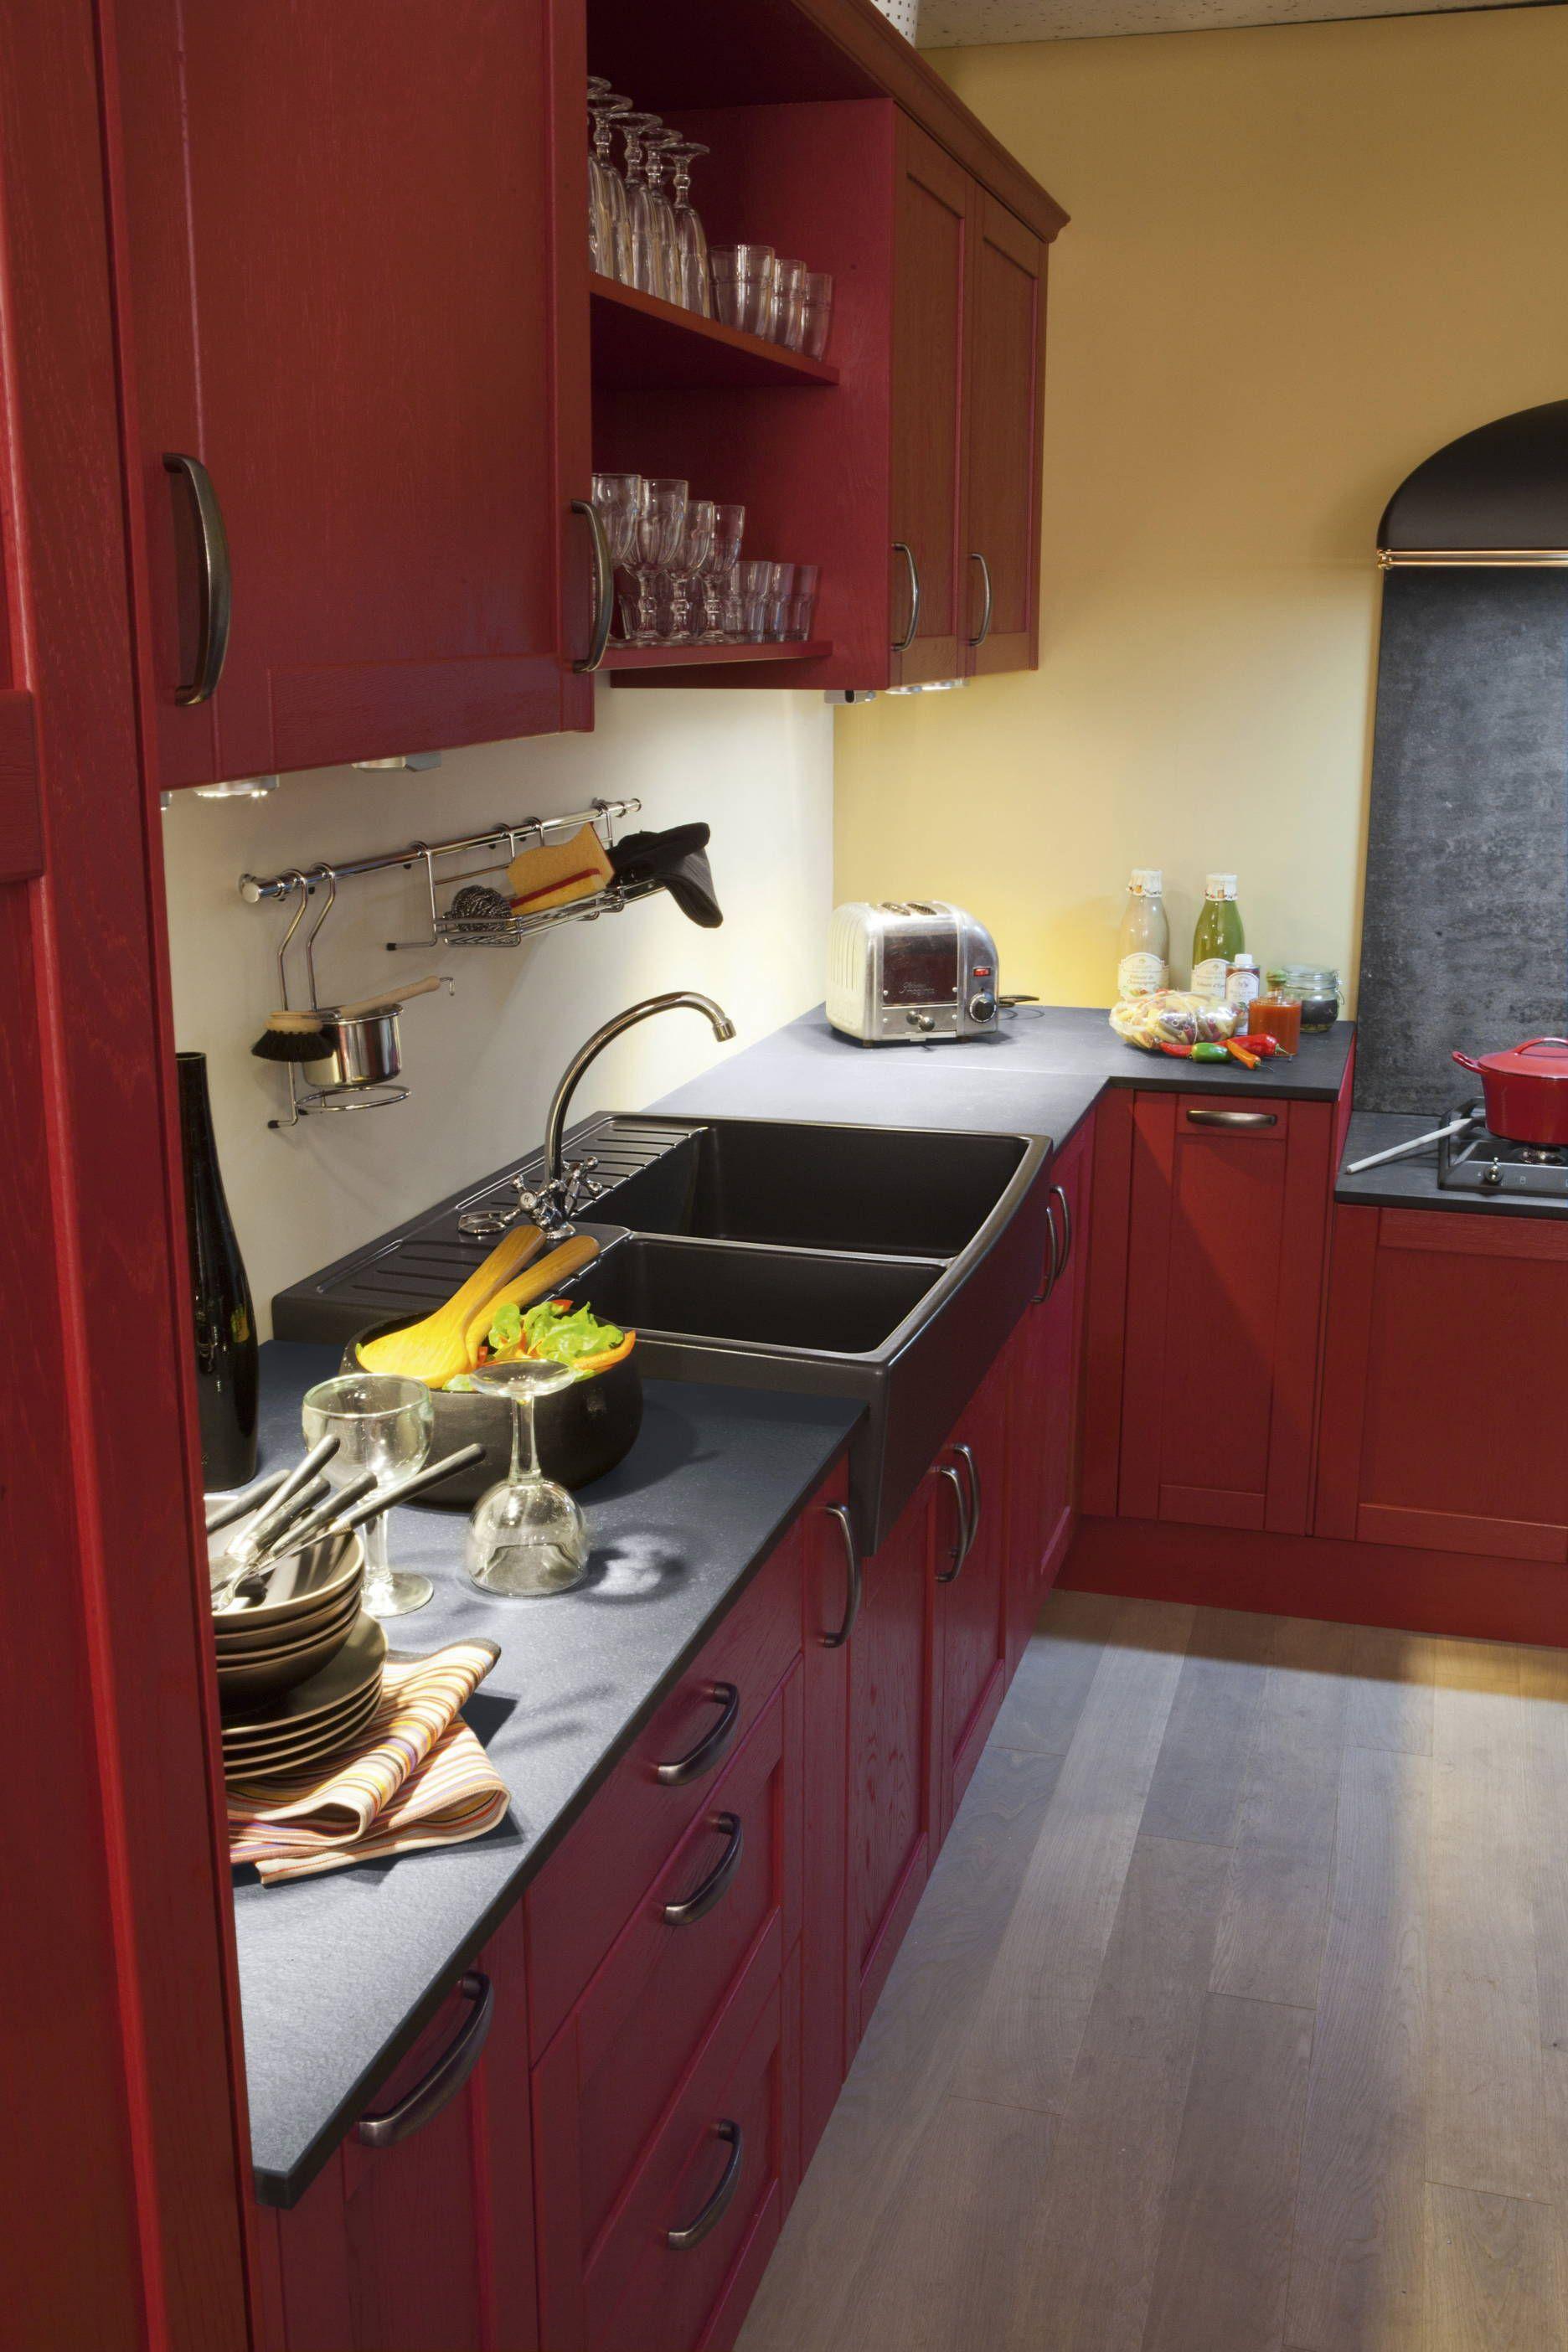 meuble cuisine original excellent cuisine vintage de ides dco pour lui donner un style tapis de. Black Bedroom Furniture Sets. Home Design Ideas